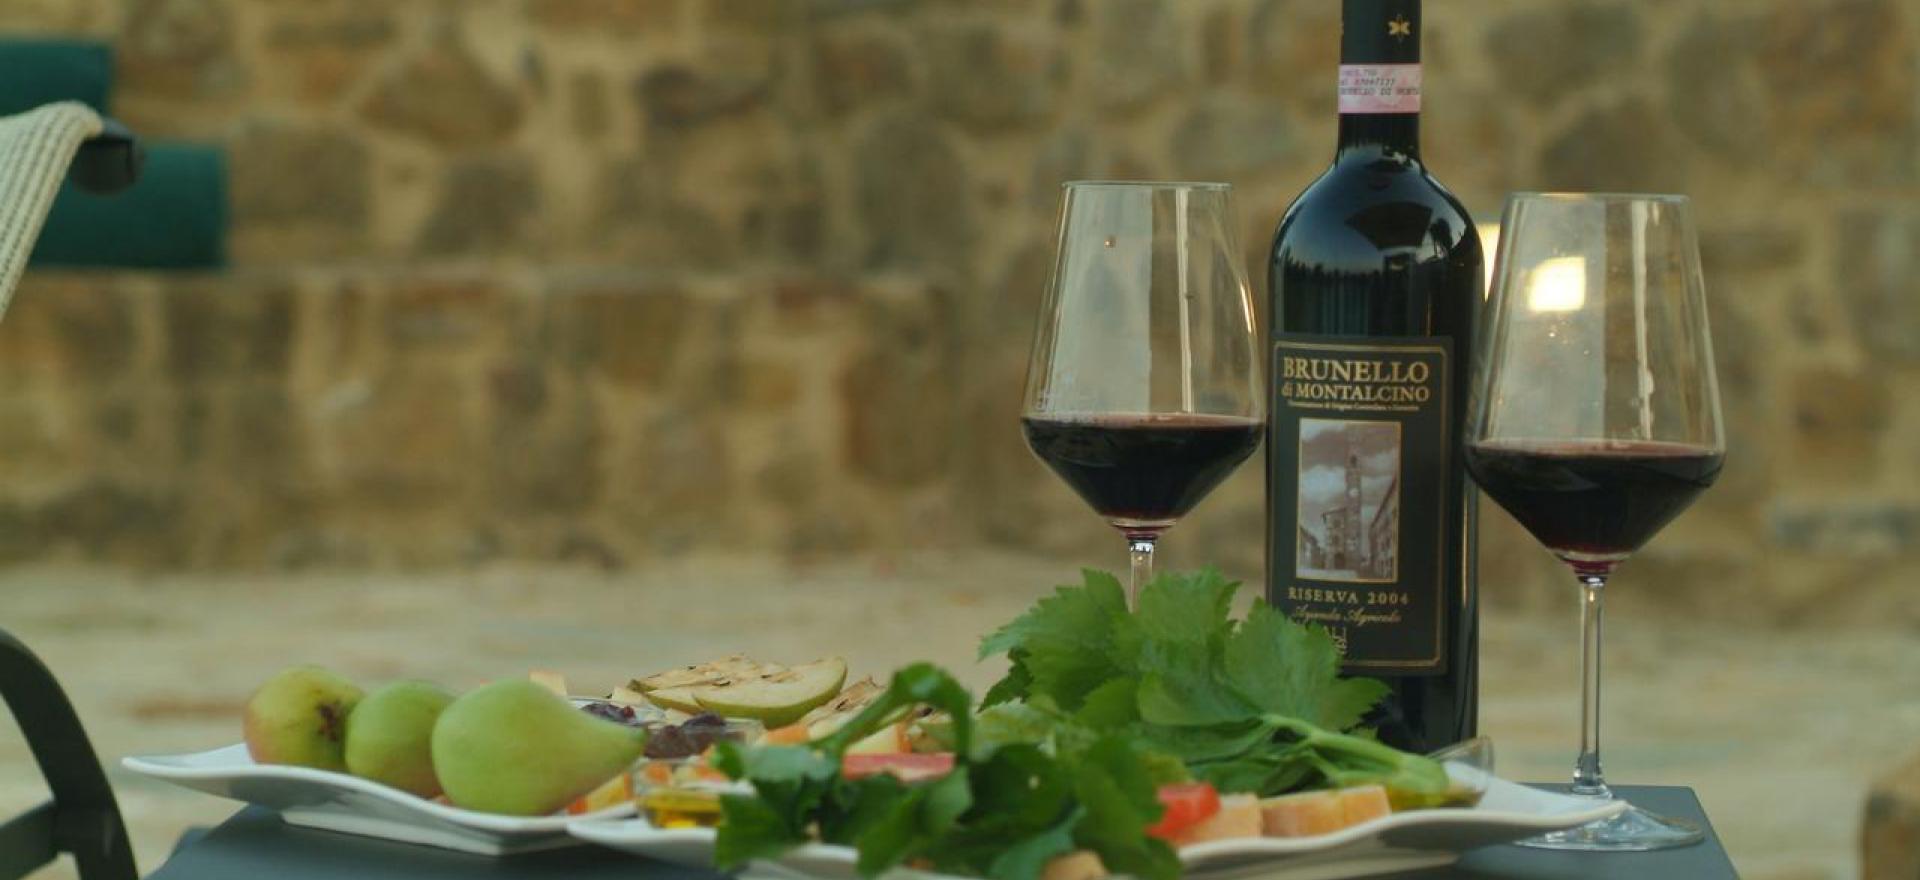 Agriturismo Toscane Luxe agriturismo tussen wijngaarden van de Brunello